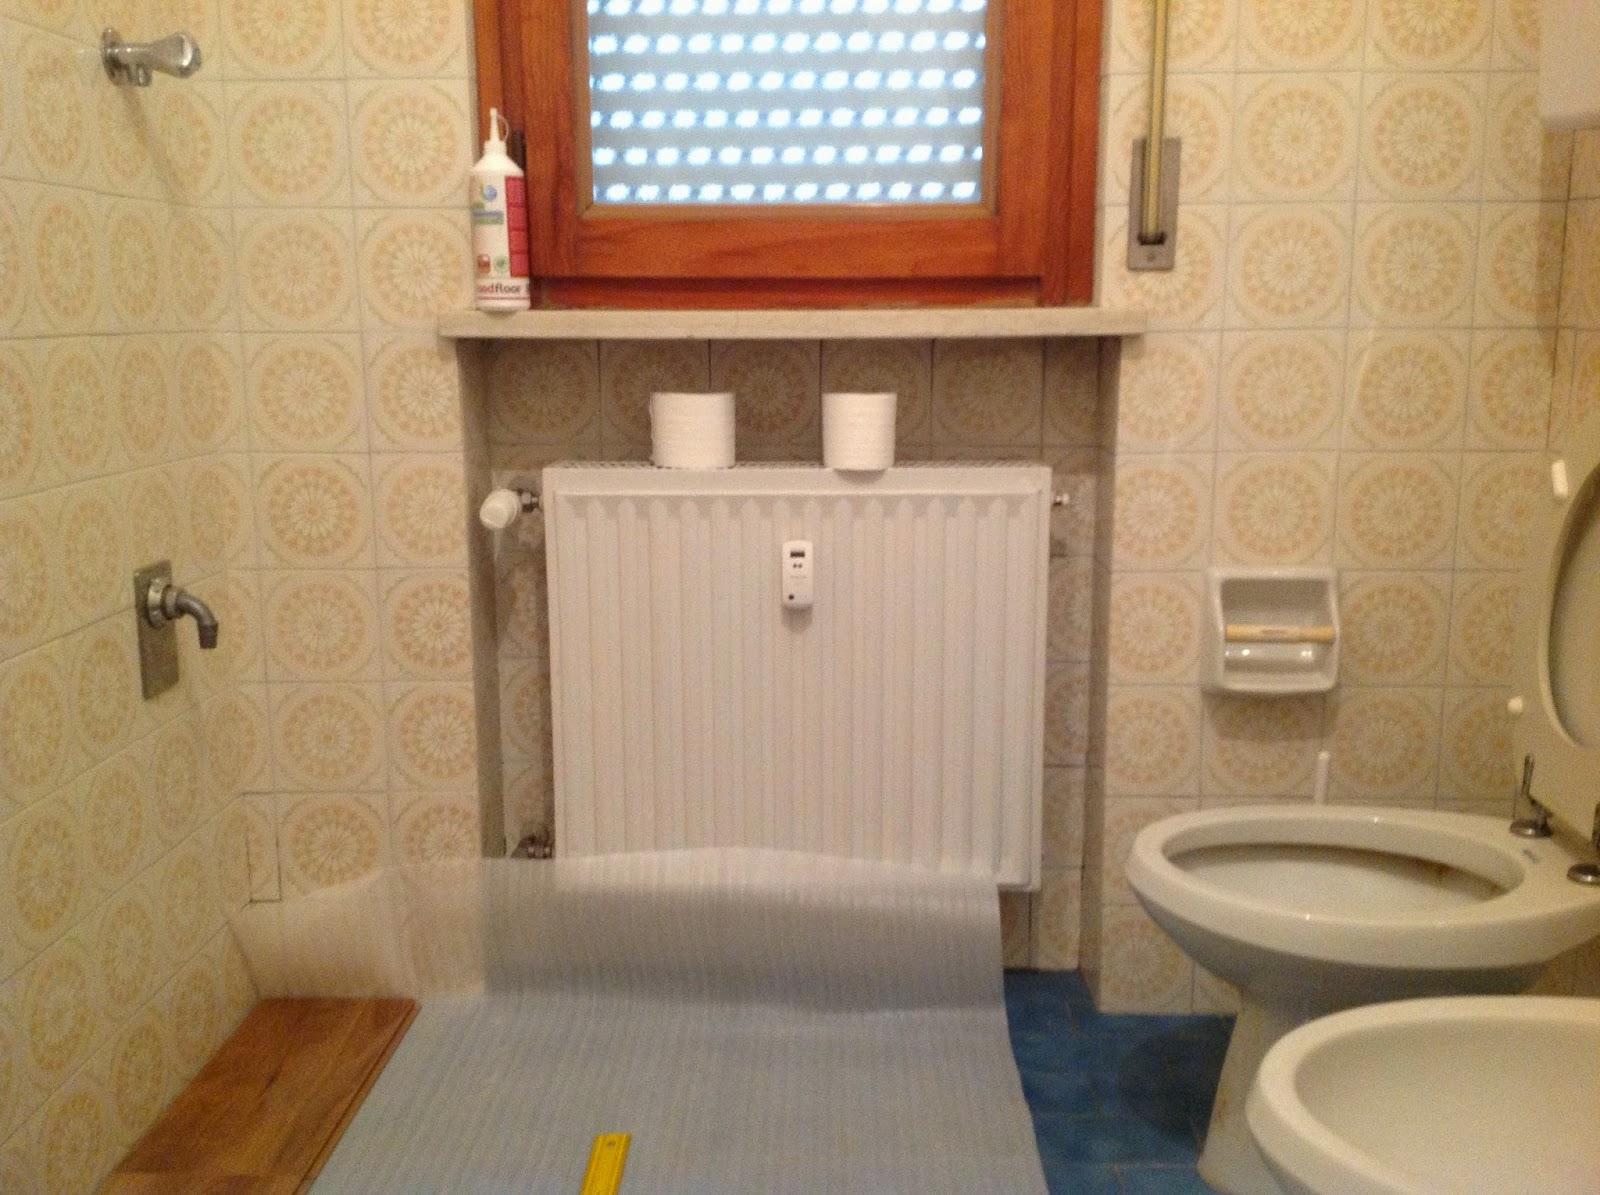 Coprire le piastrelle del bagno for Piastrelle bagno piccolo